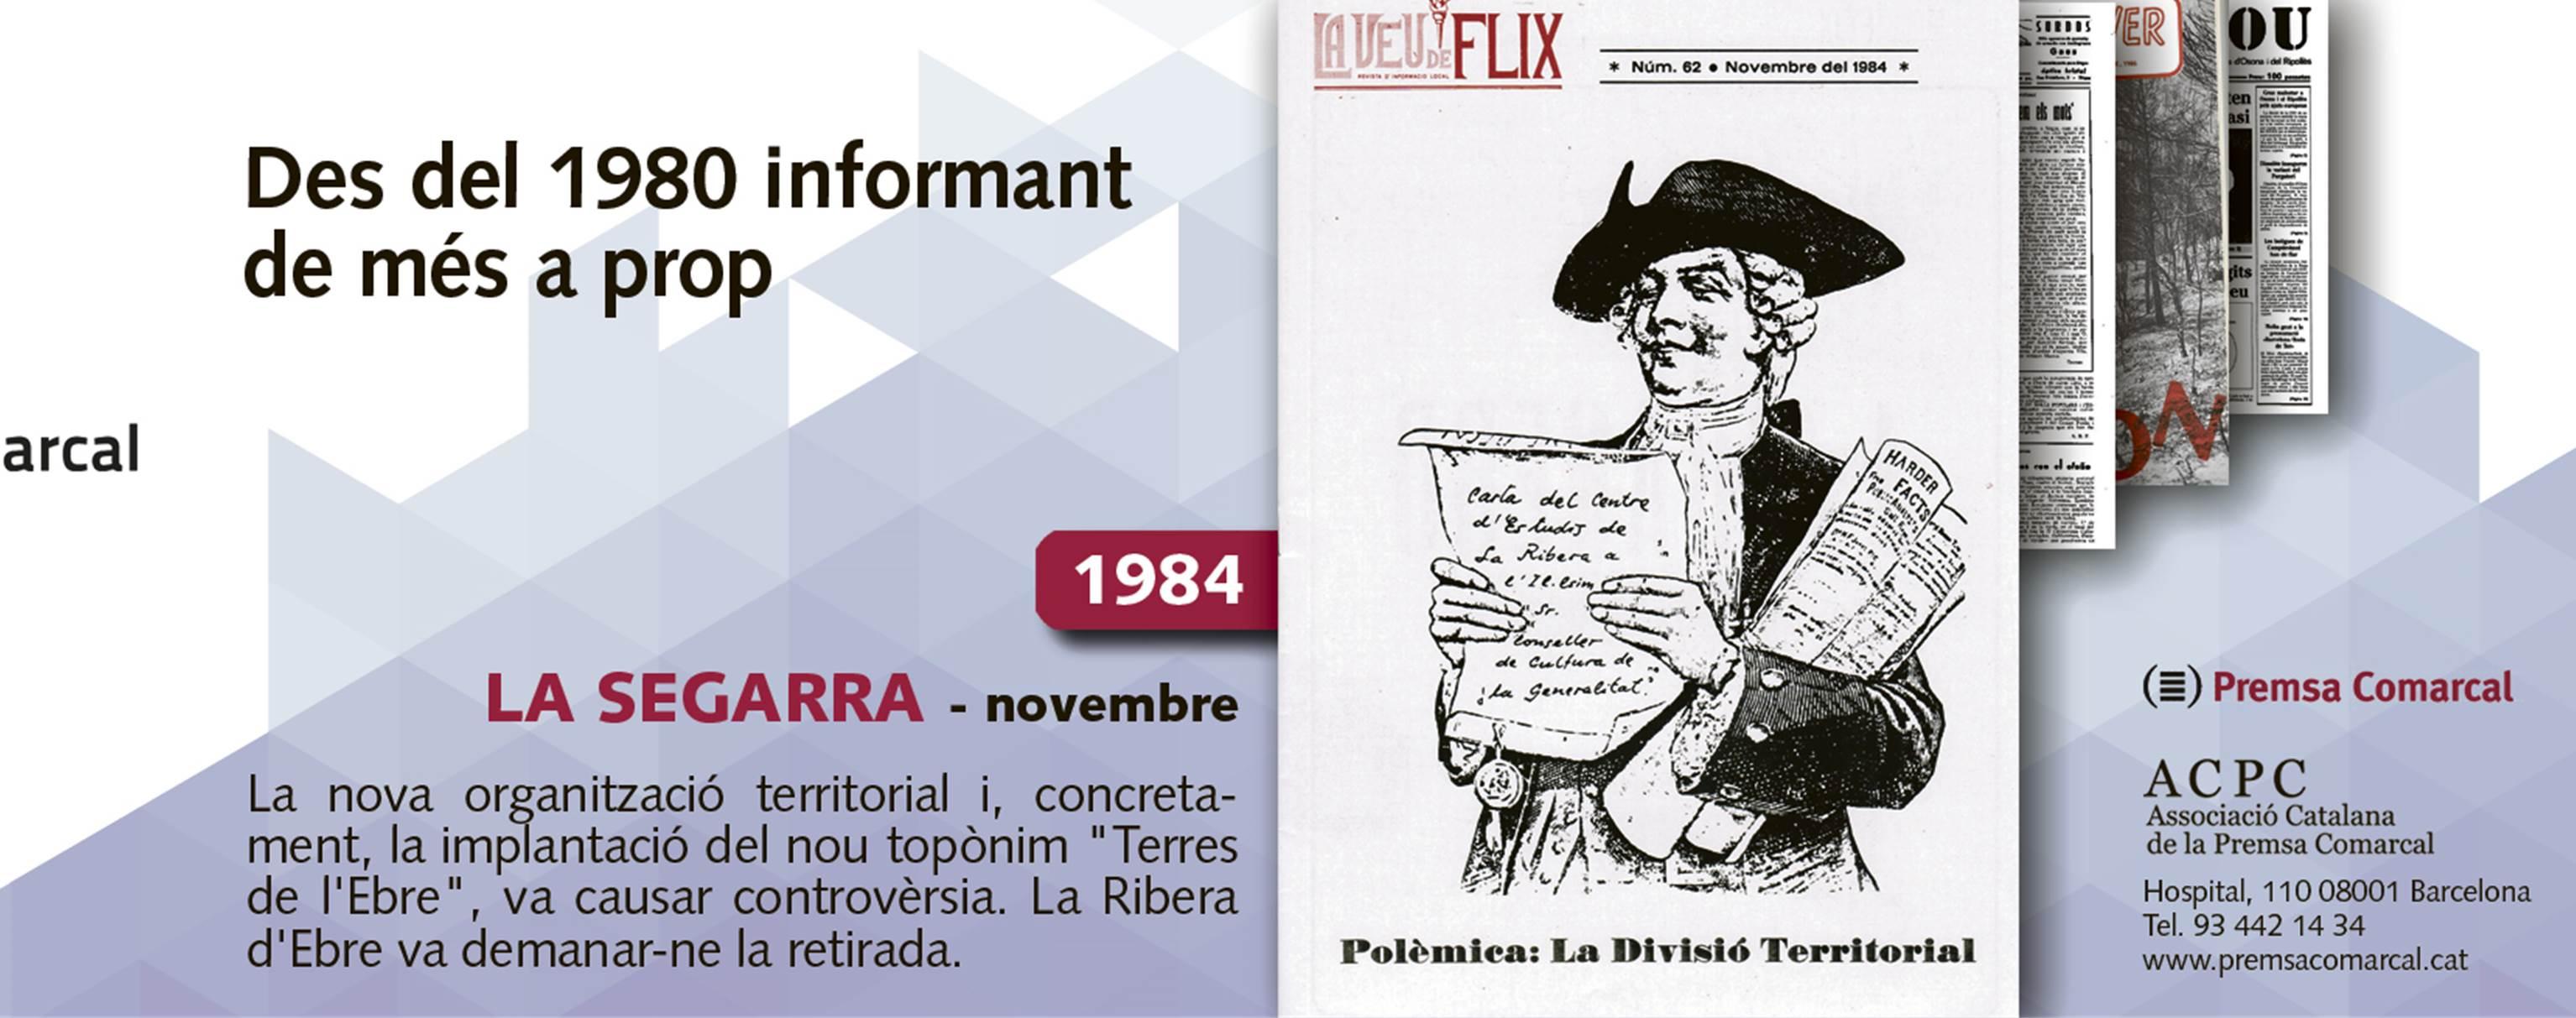 'La Veu de Flix' de 1984 recorda la polèmica pel topònim 'Terres de l'Ebre' a la campanya de l'ACPC